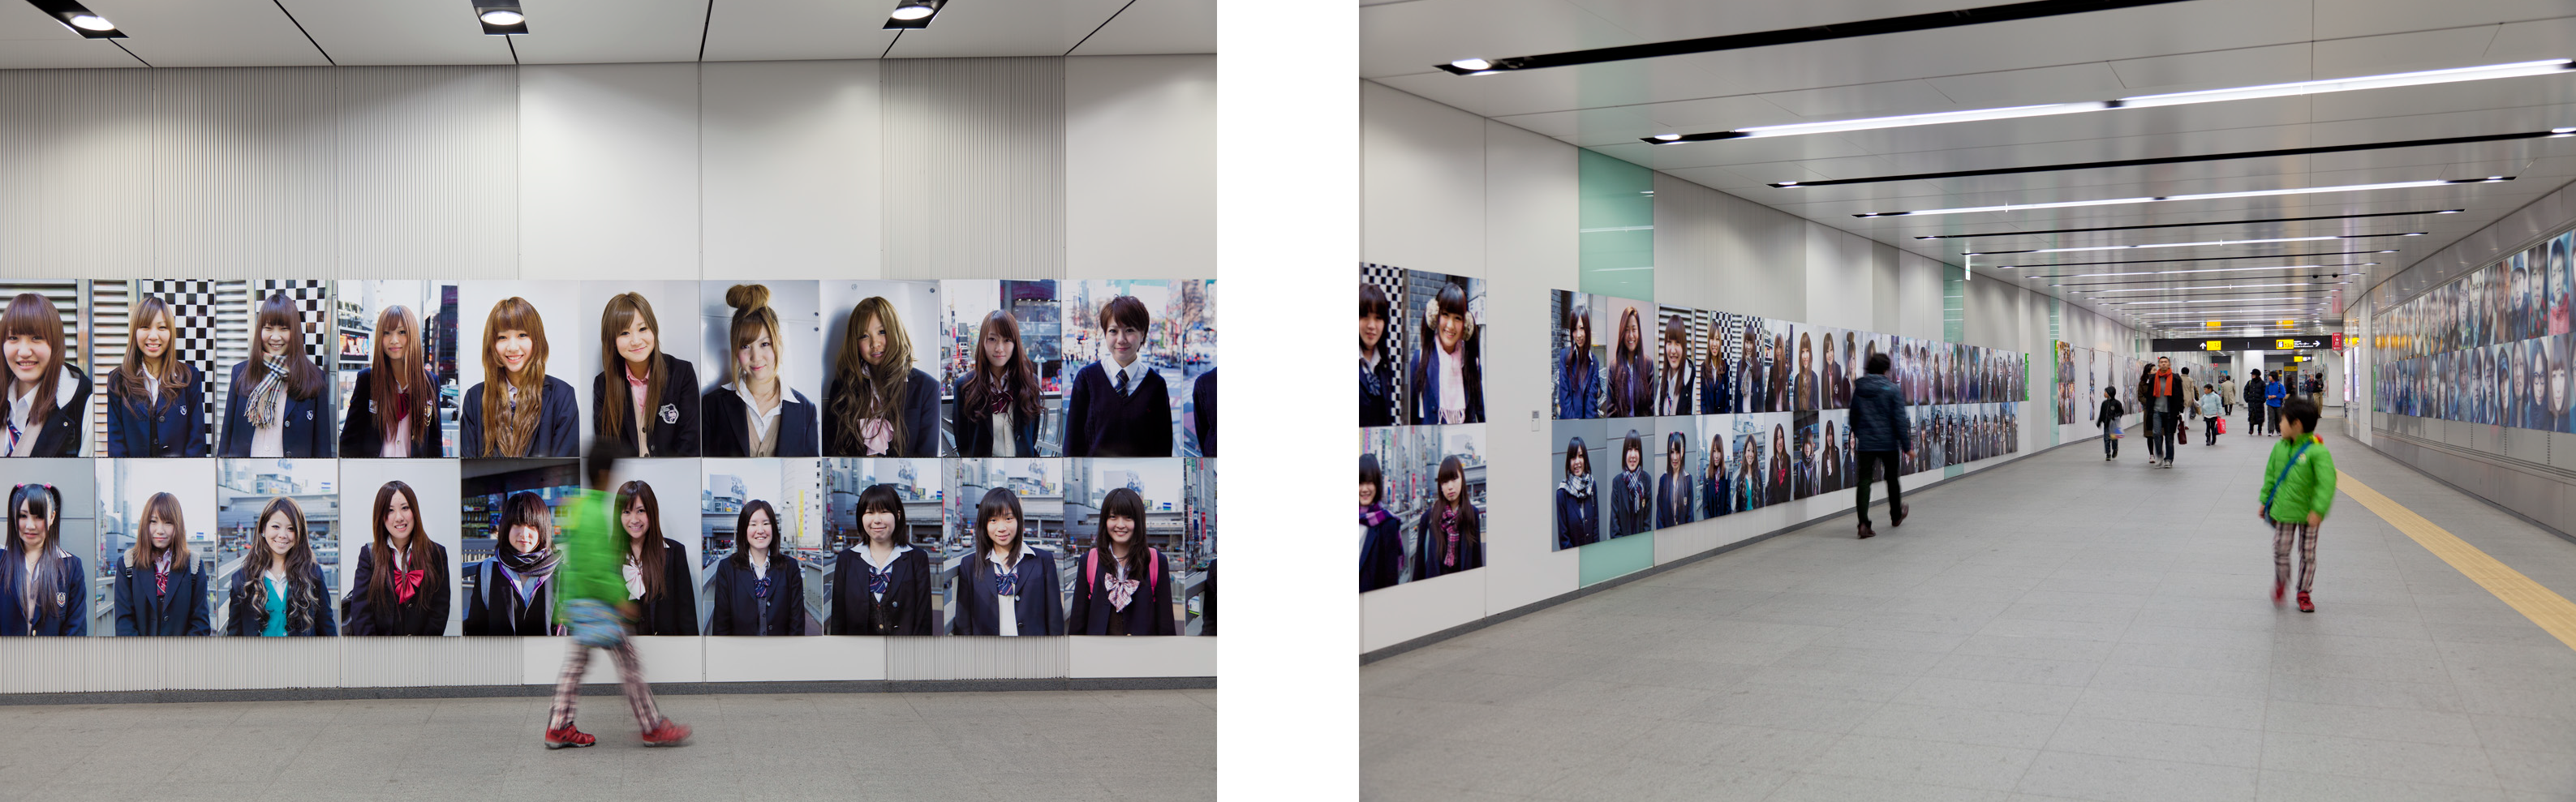 渋谷を象徴するプラットフォーム形成